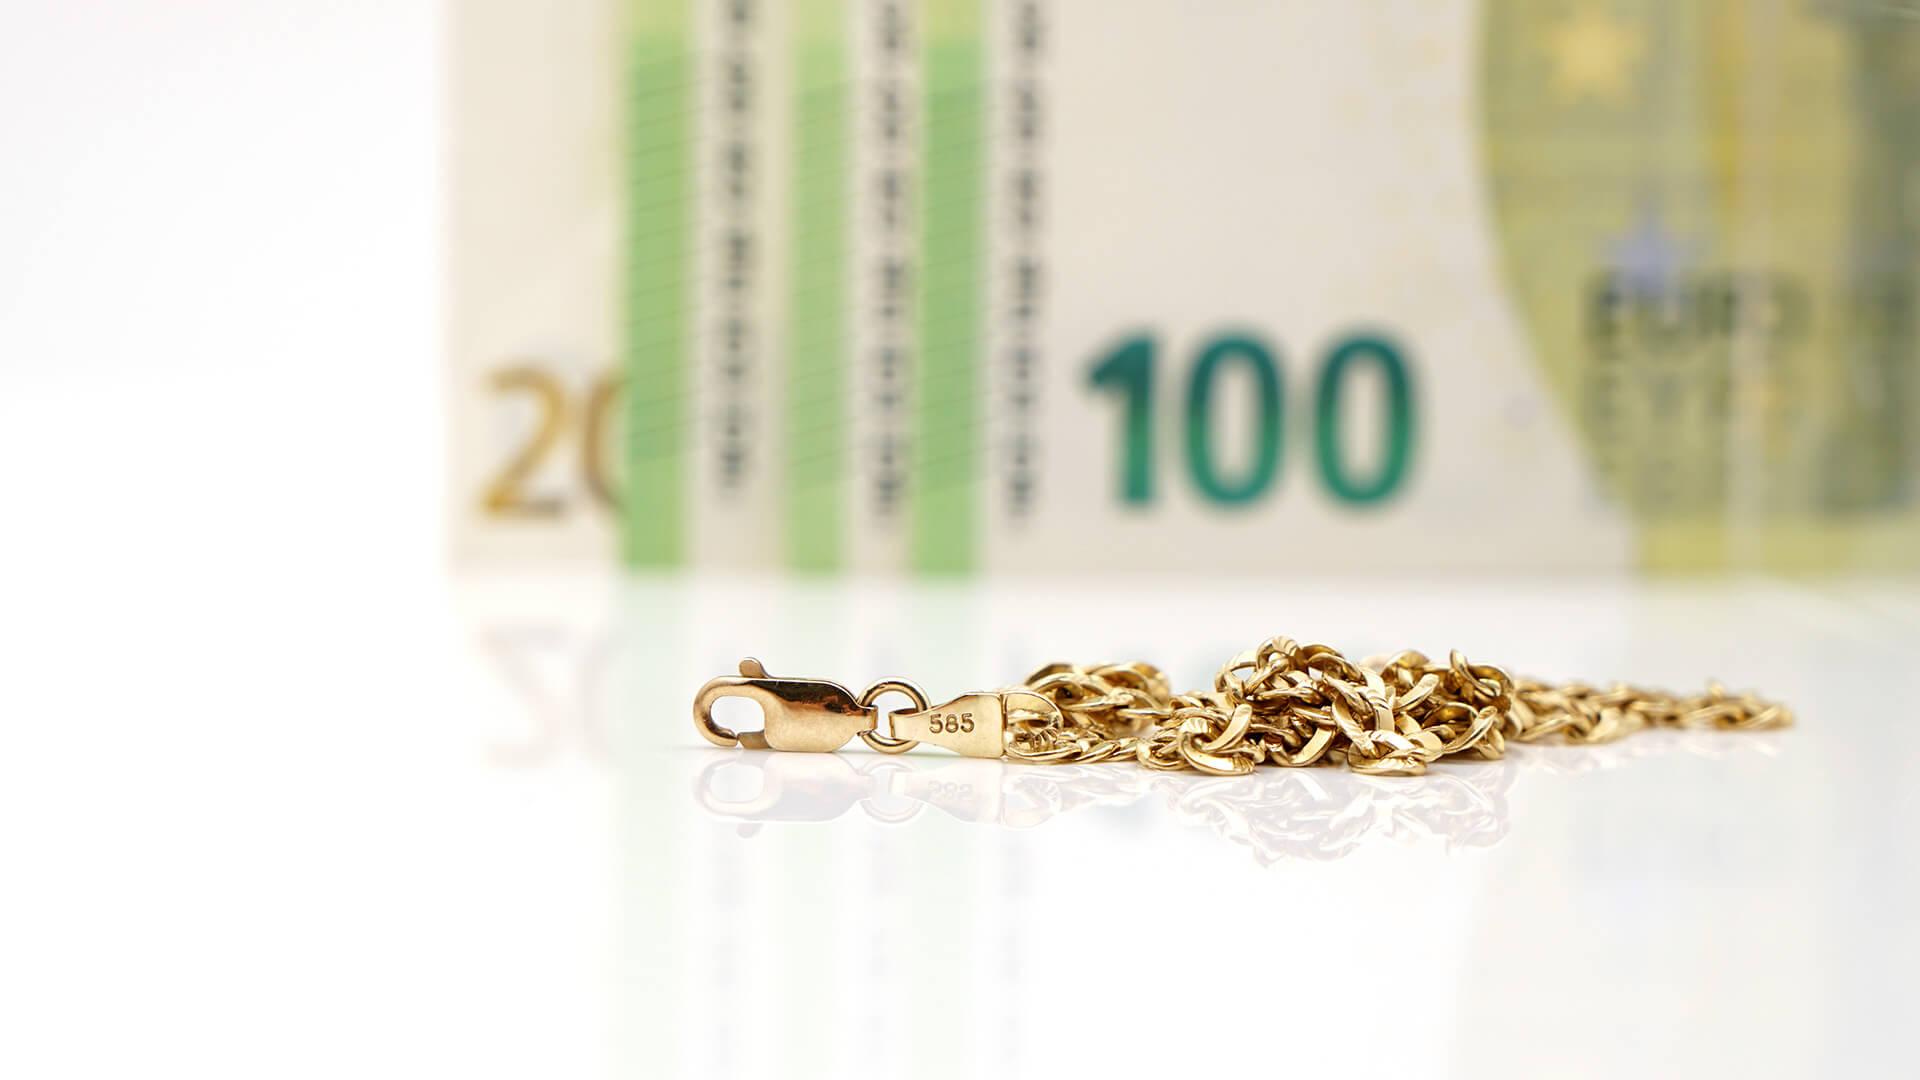 585 Gold Preis im Ankauf Verkauf - 585 Gold Wert pro Gramm